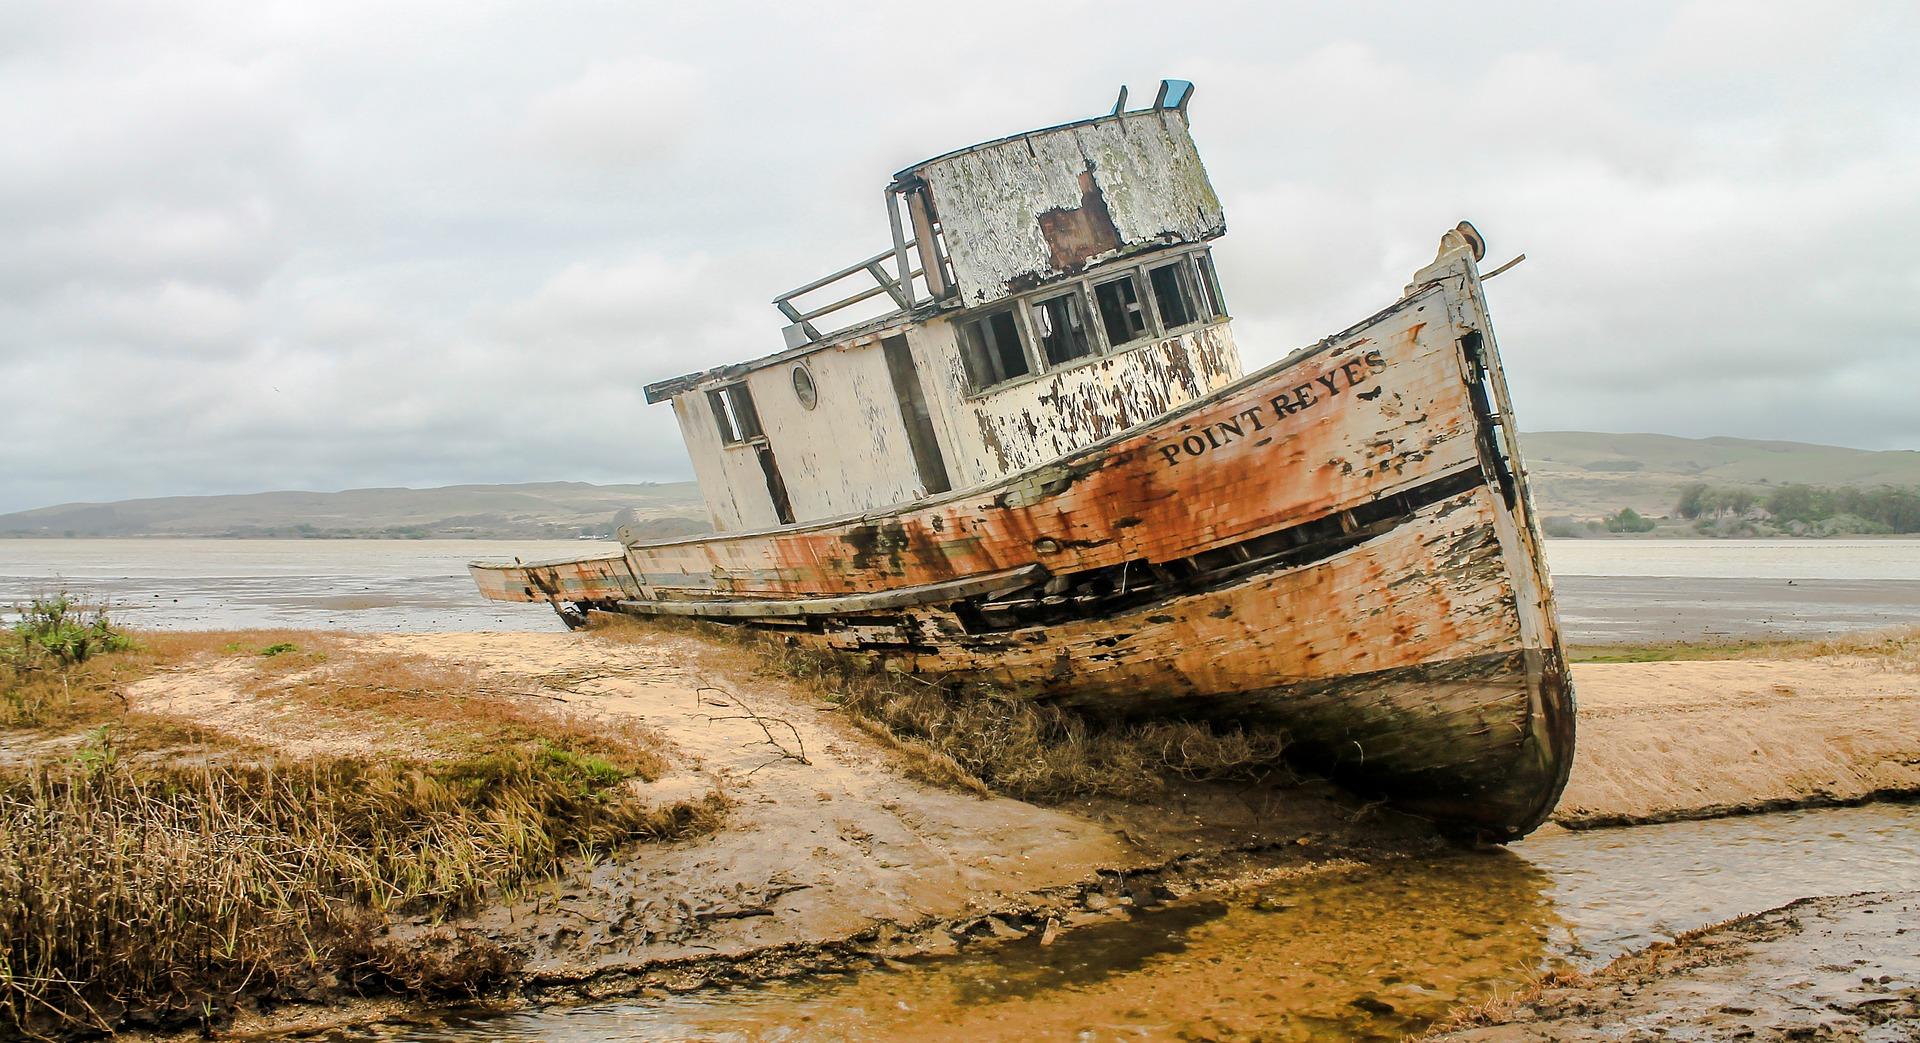 shipwreck-2096945_1920jpg